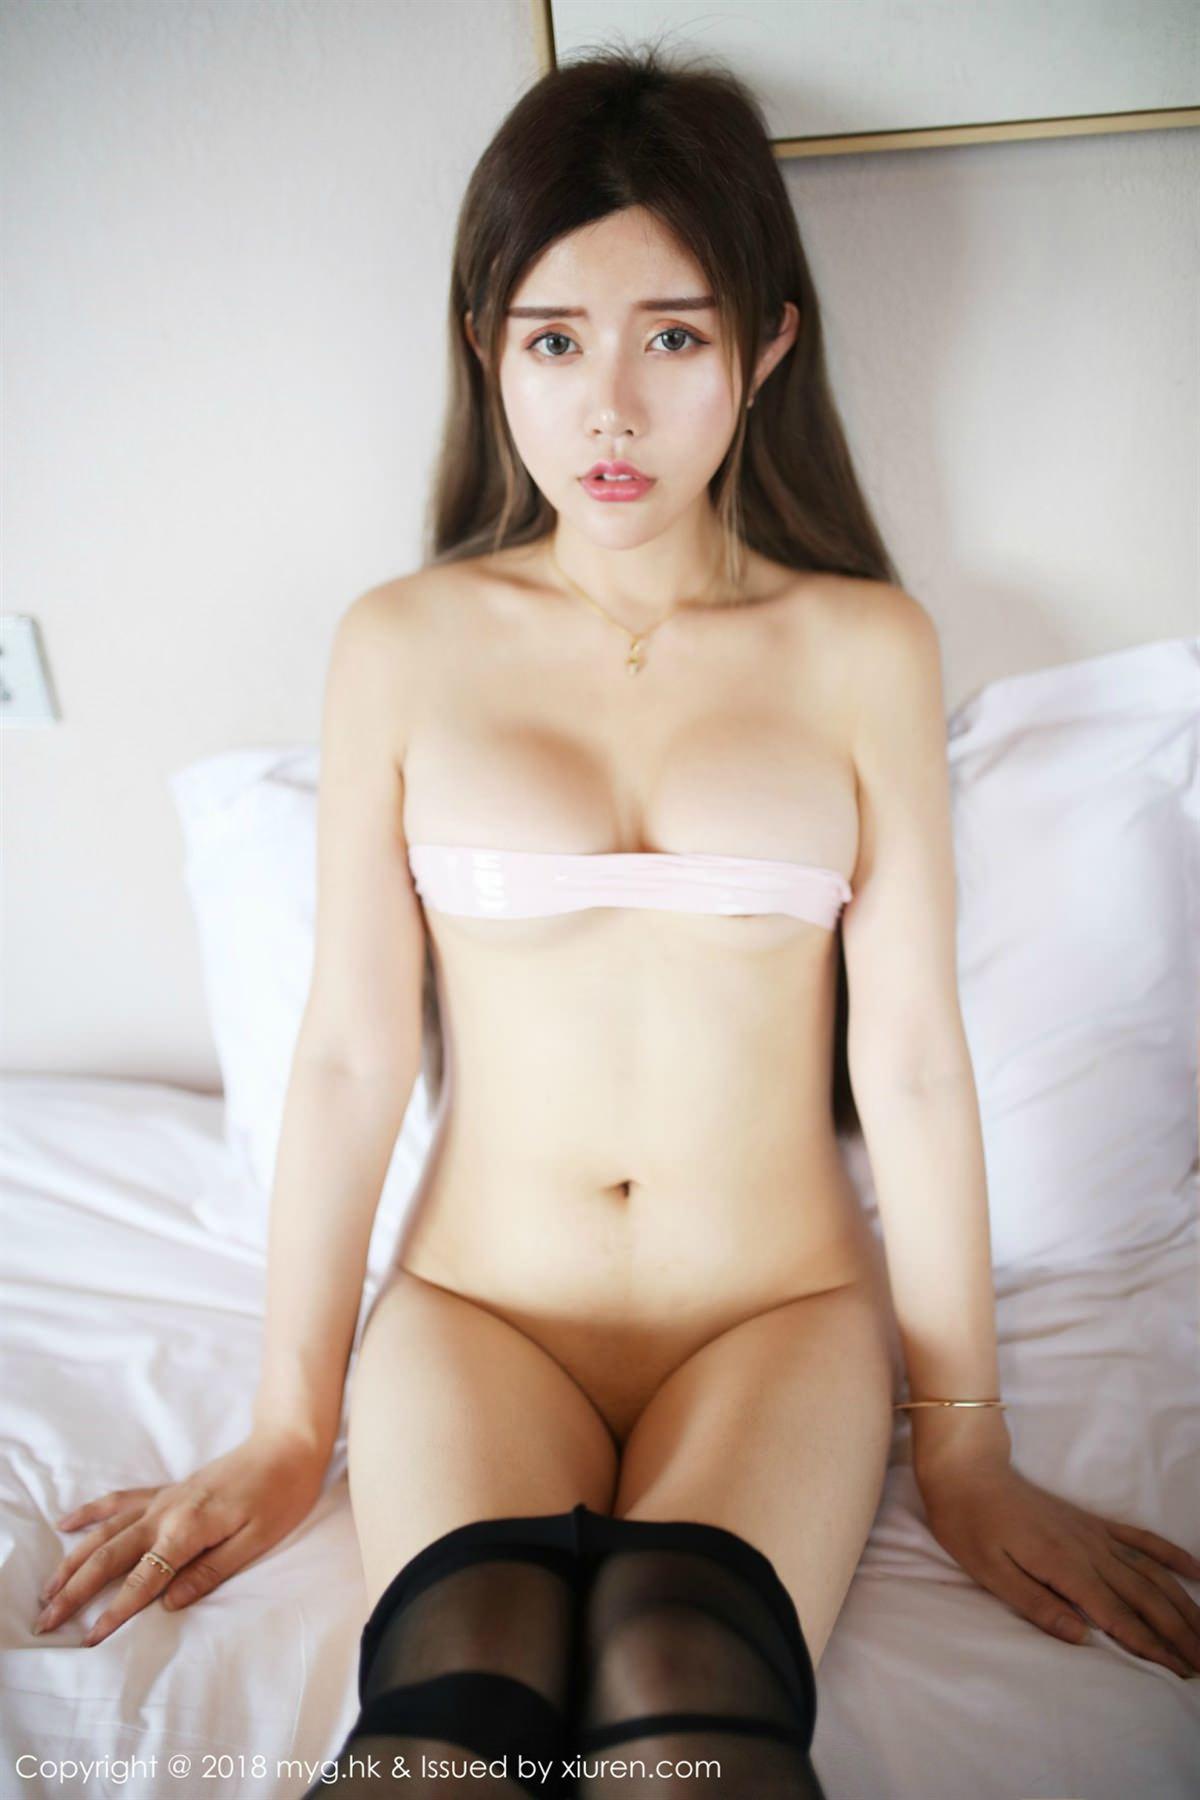 MyGirl Vol.304 33P, mygirl, Zhuo Ya Qi